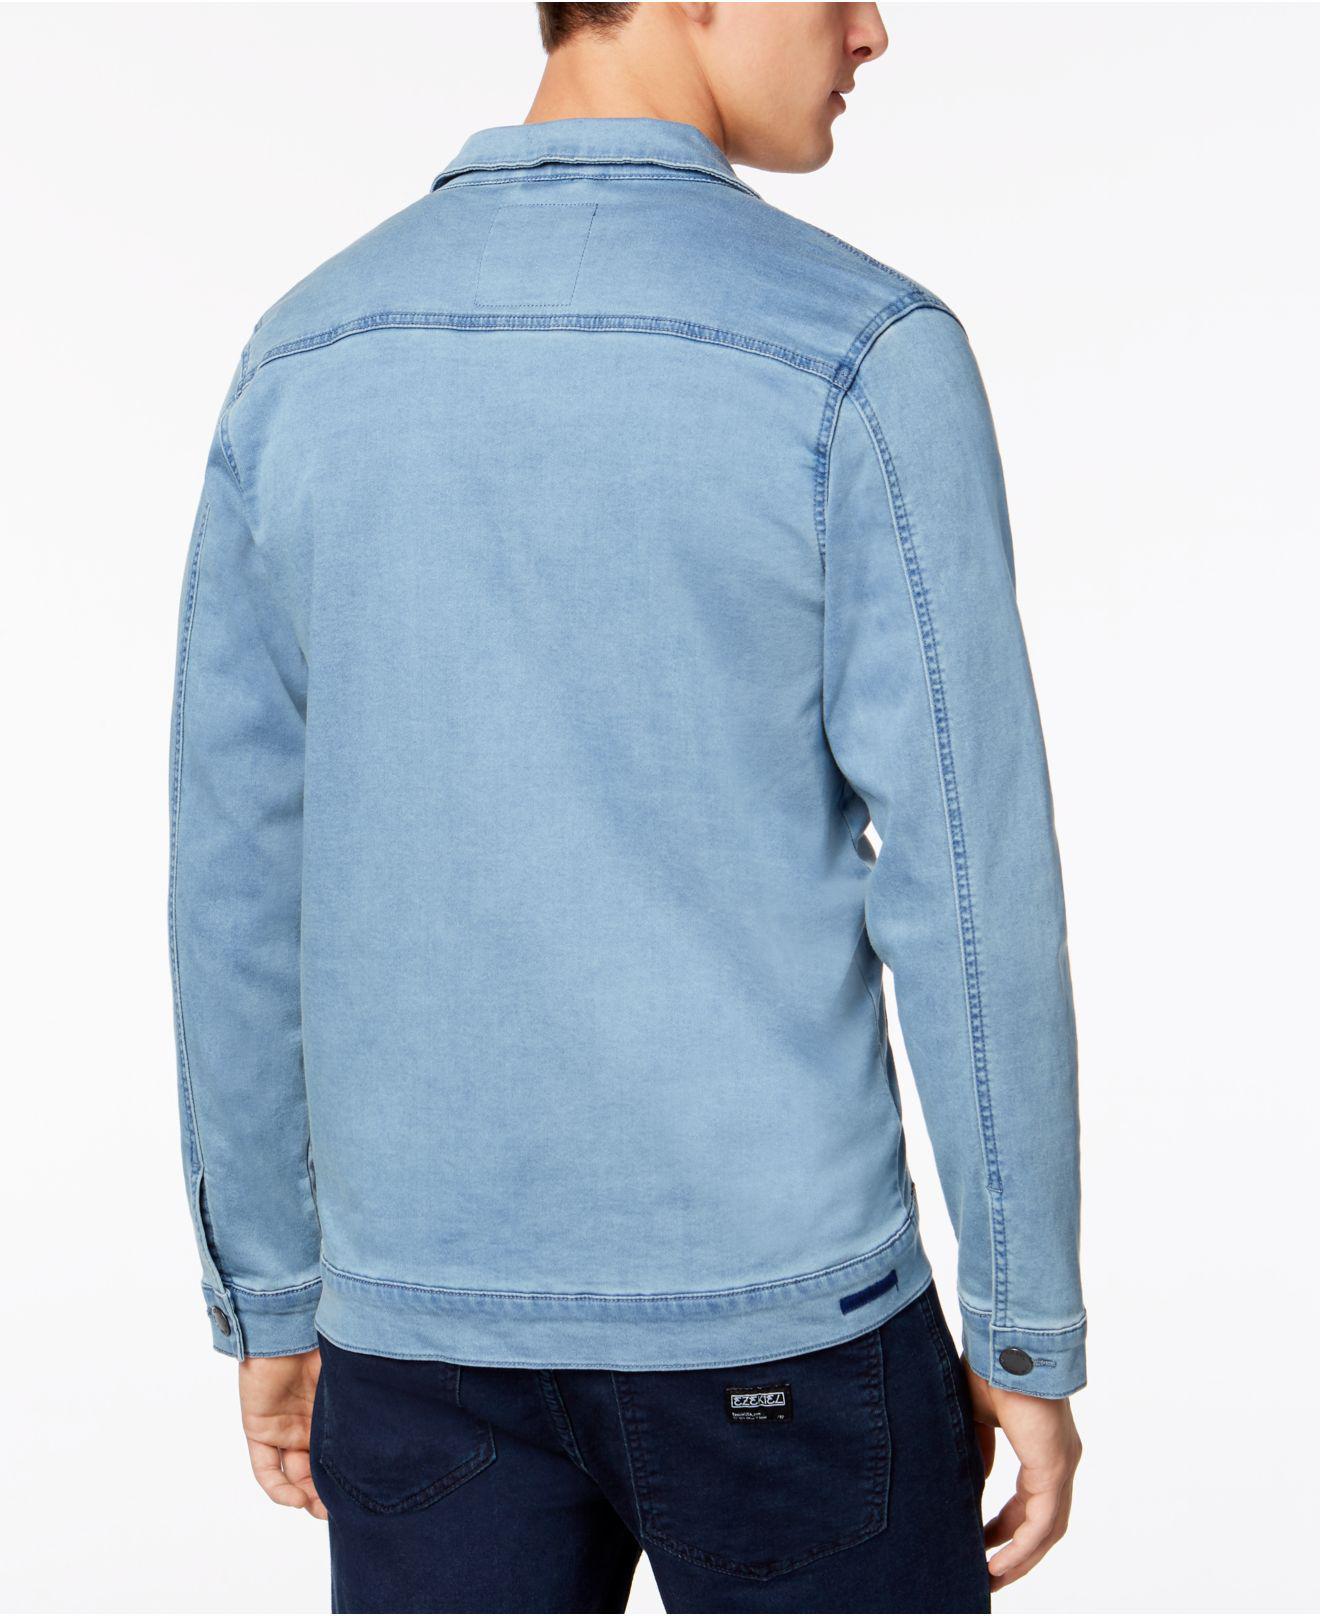 df118fae Ezekiel Yarn-dyed Denim Jacket in Blue for Men - Lyst